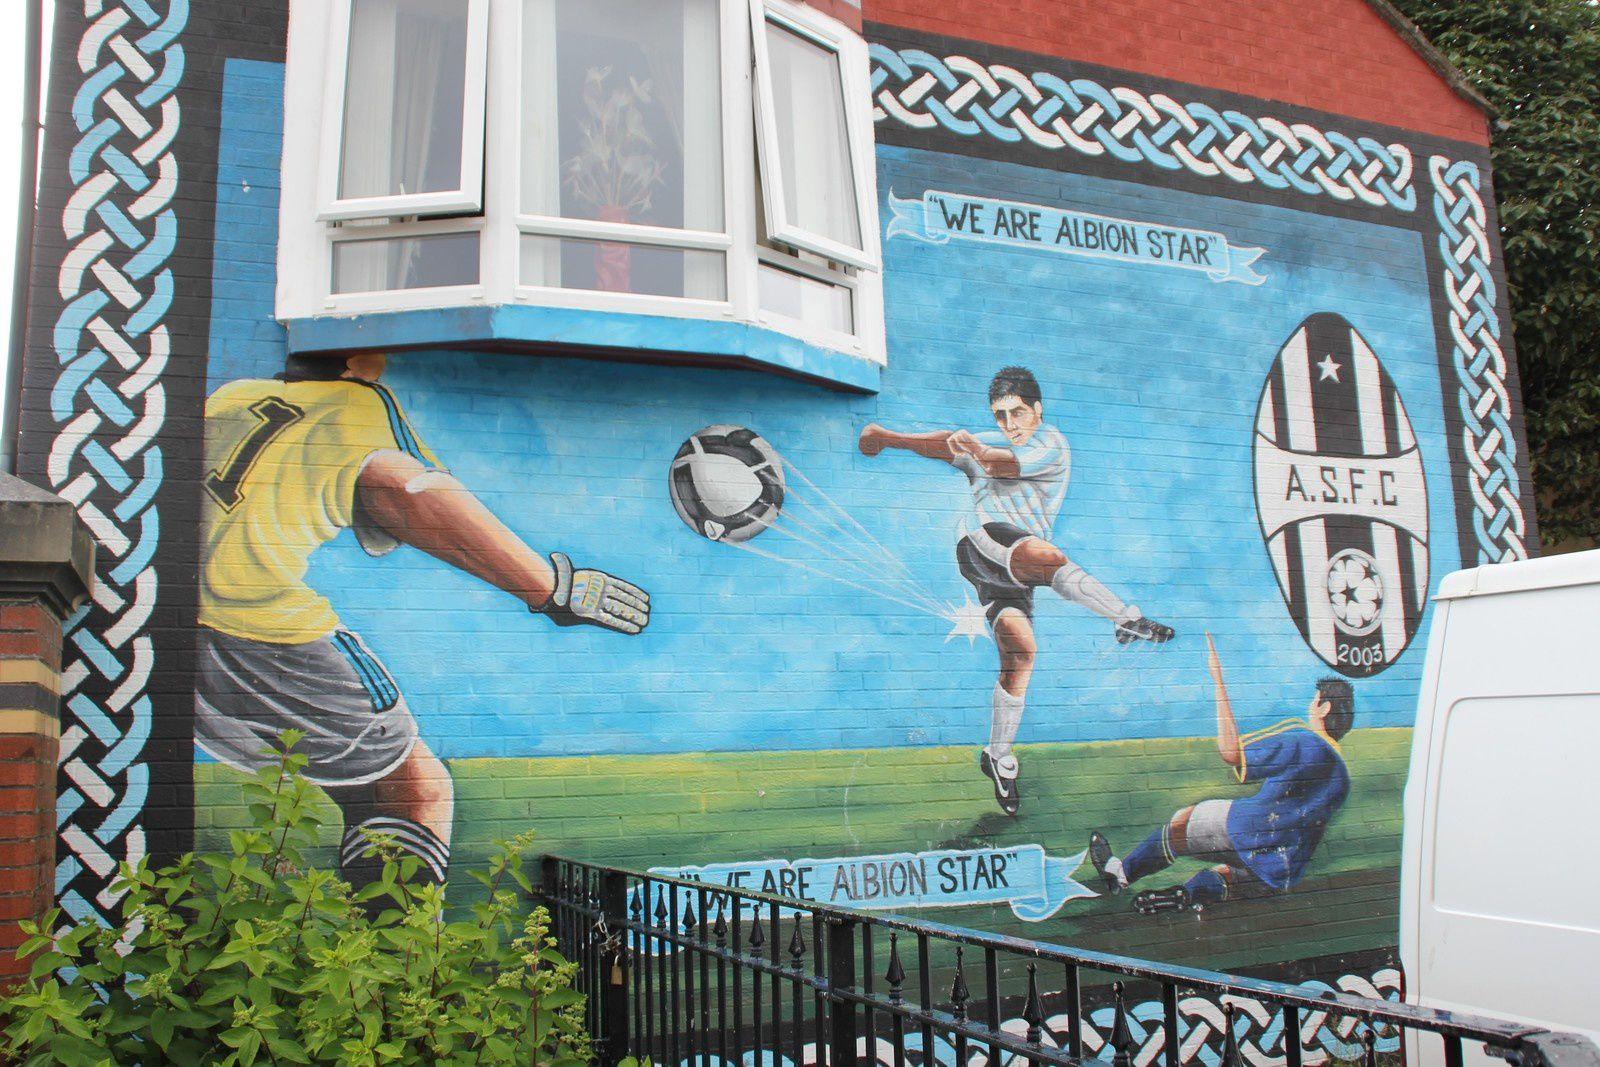 672) Quartier des Markets, South Belfast